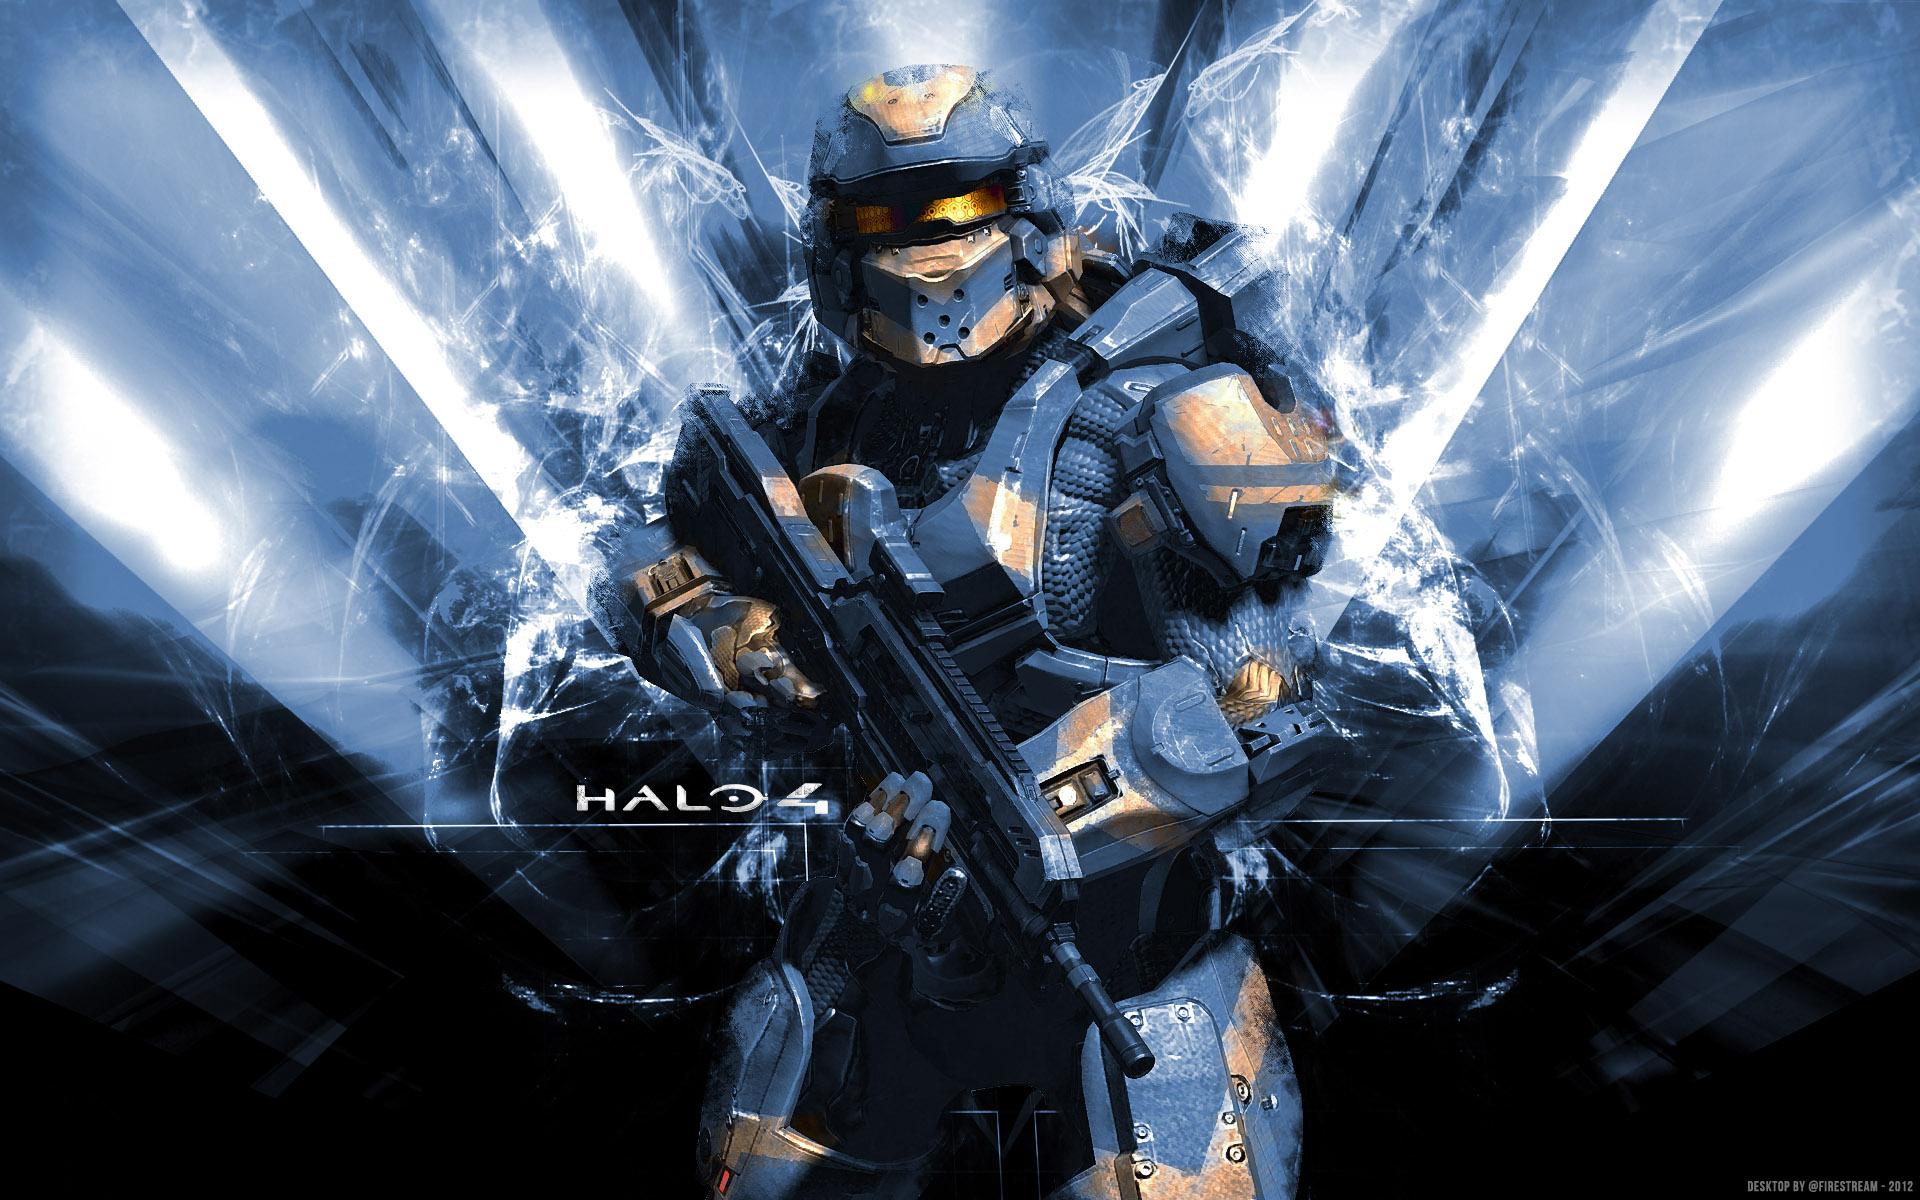 Description Halo 4 HD Wallpaper is a hi res Wallpaper for pc desktops 1920x1200